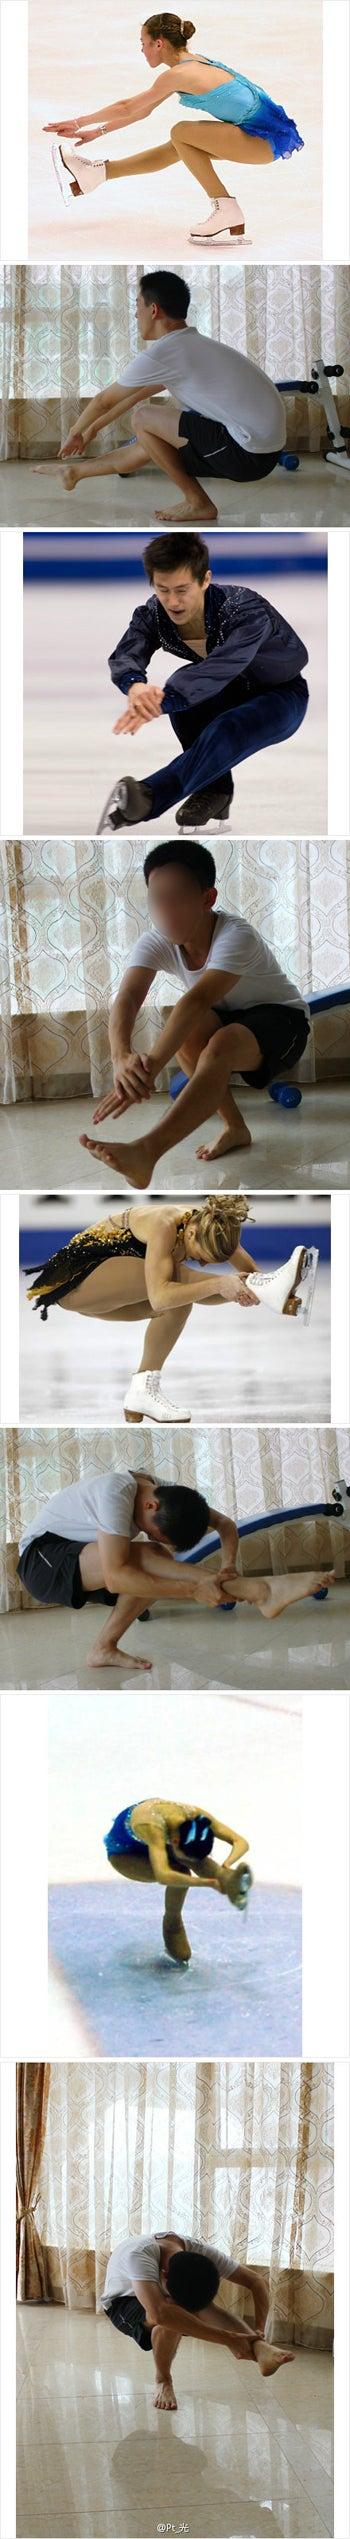 中国花样滑冰迷-1